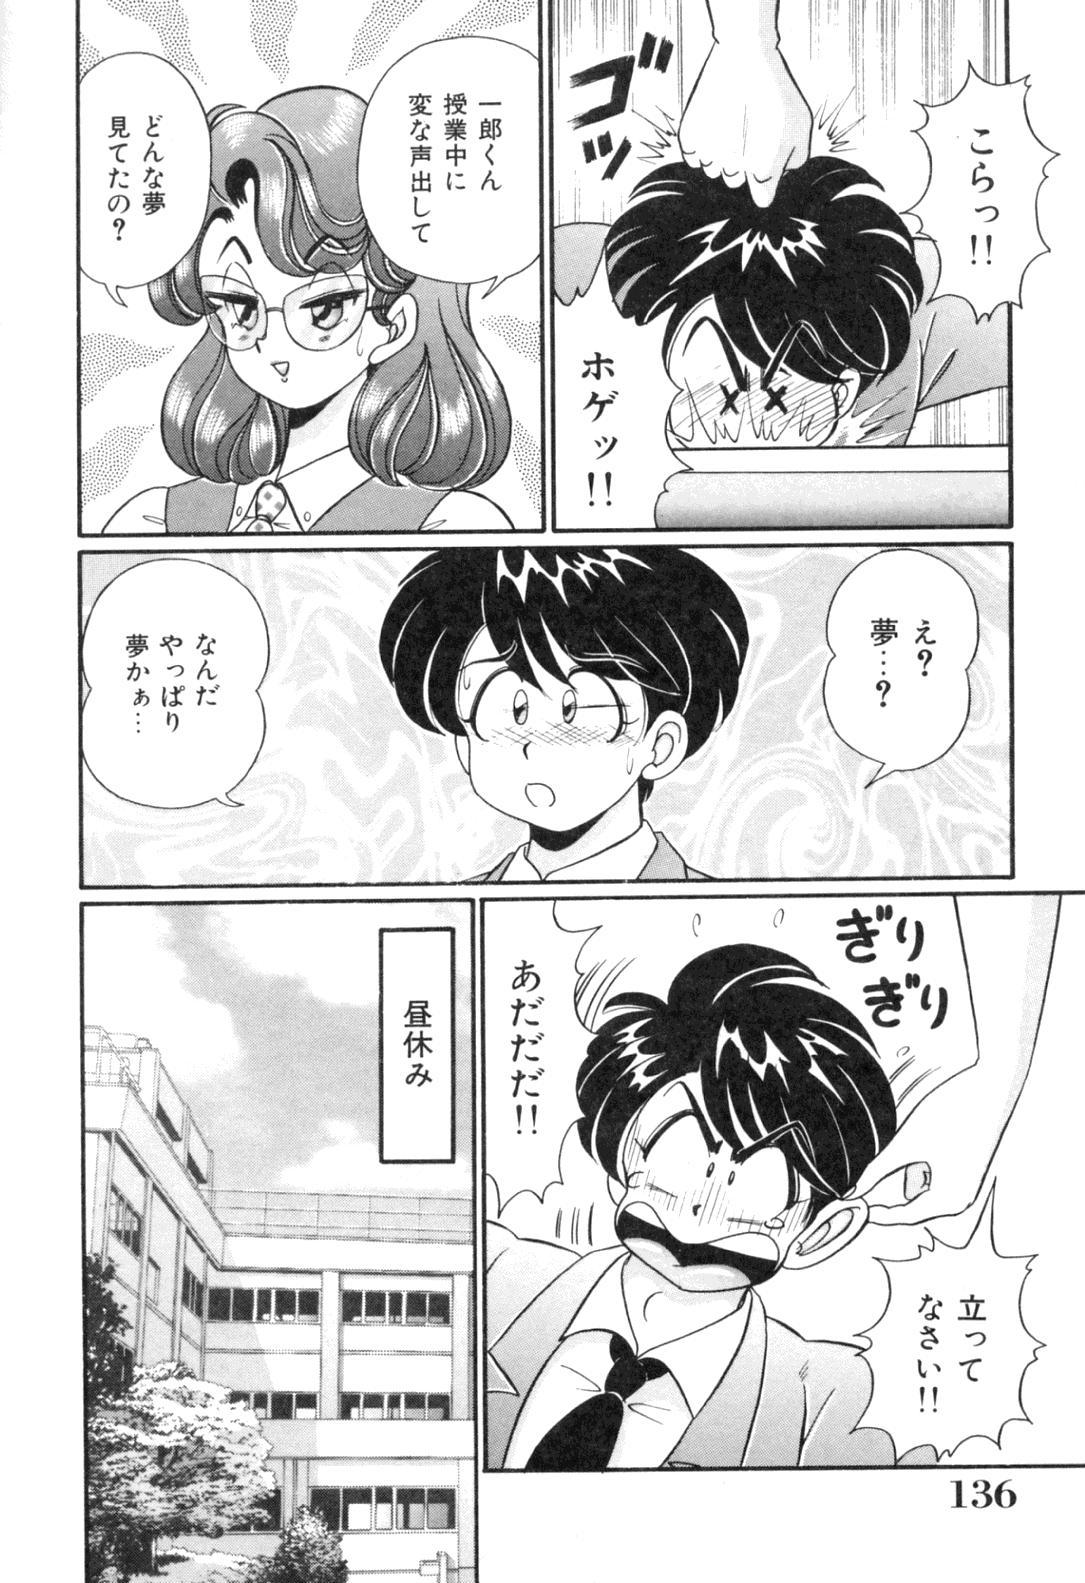 [Watanabe Wataru] Tonari no Onee-san - Sister of Neighborhood 136